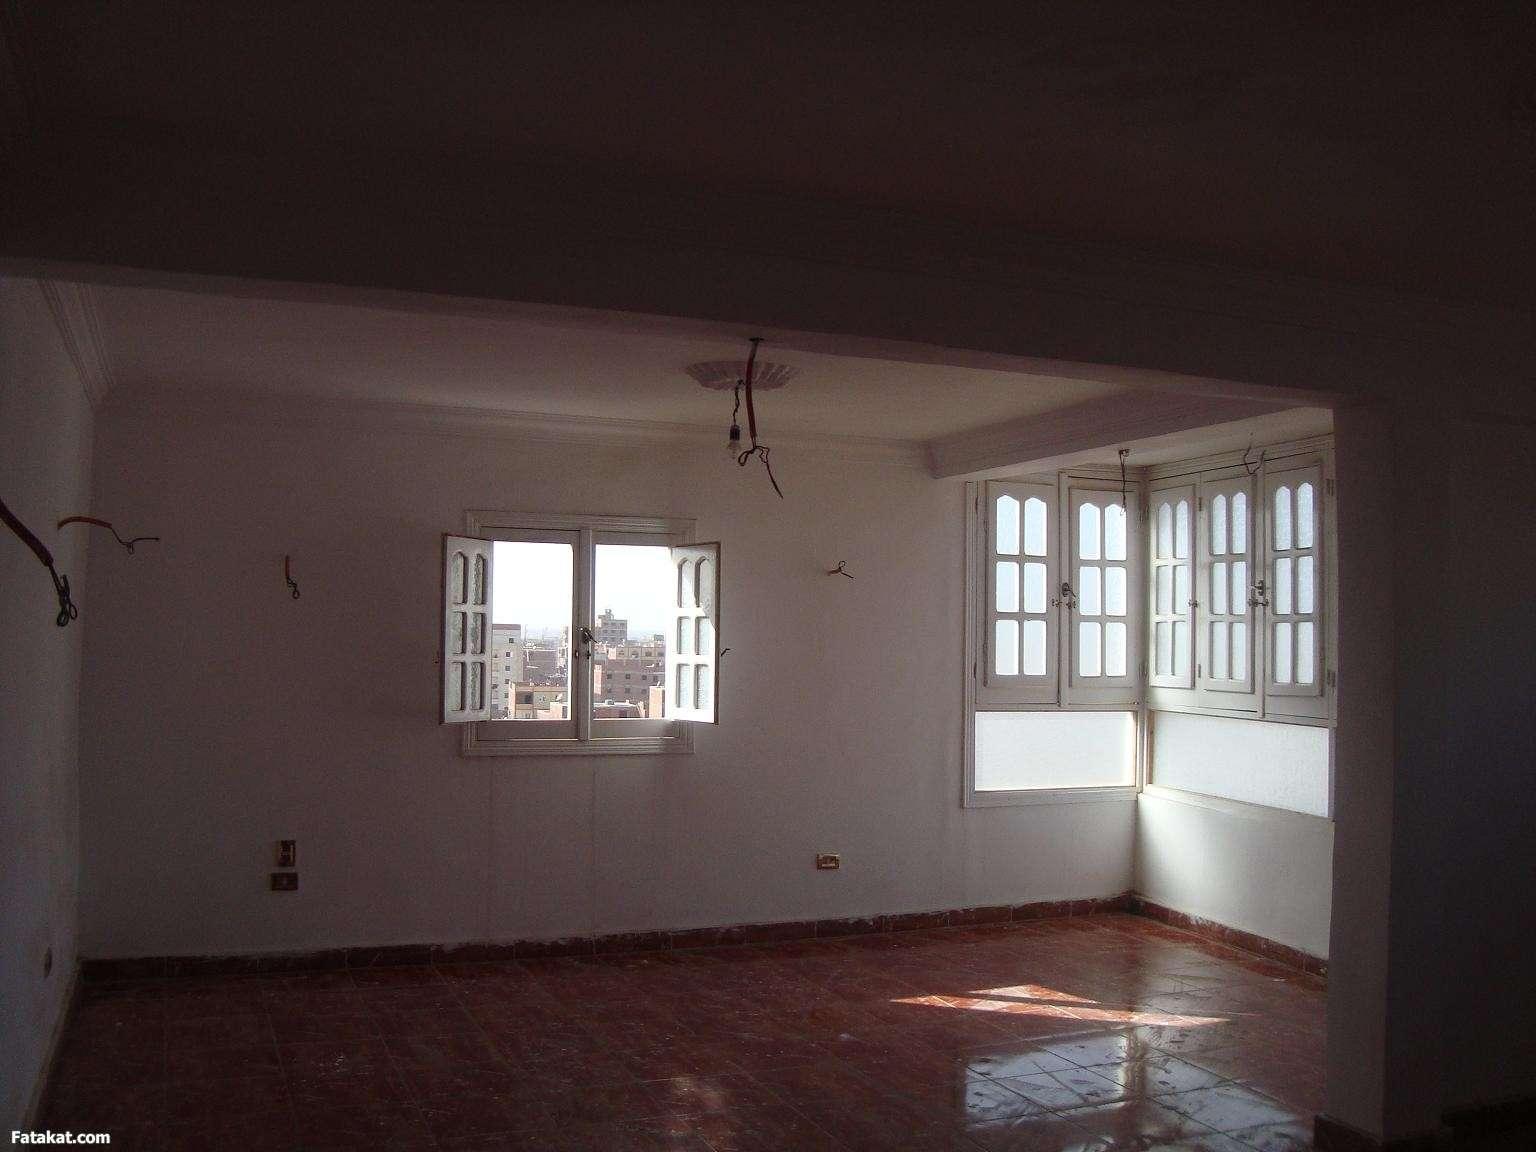 كل صور شقة الطوابق فيصل التحفة 13340197808349